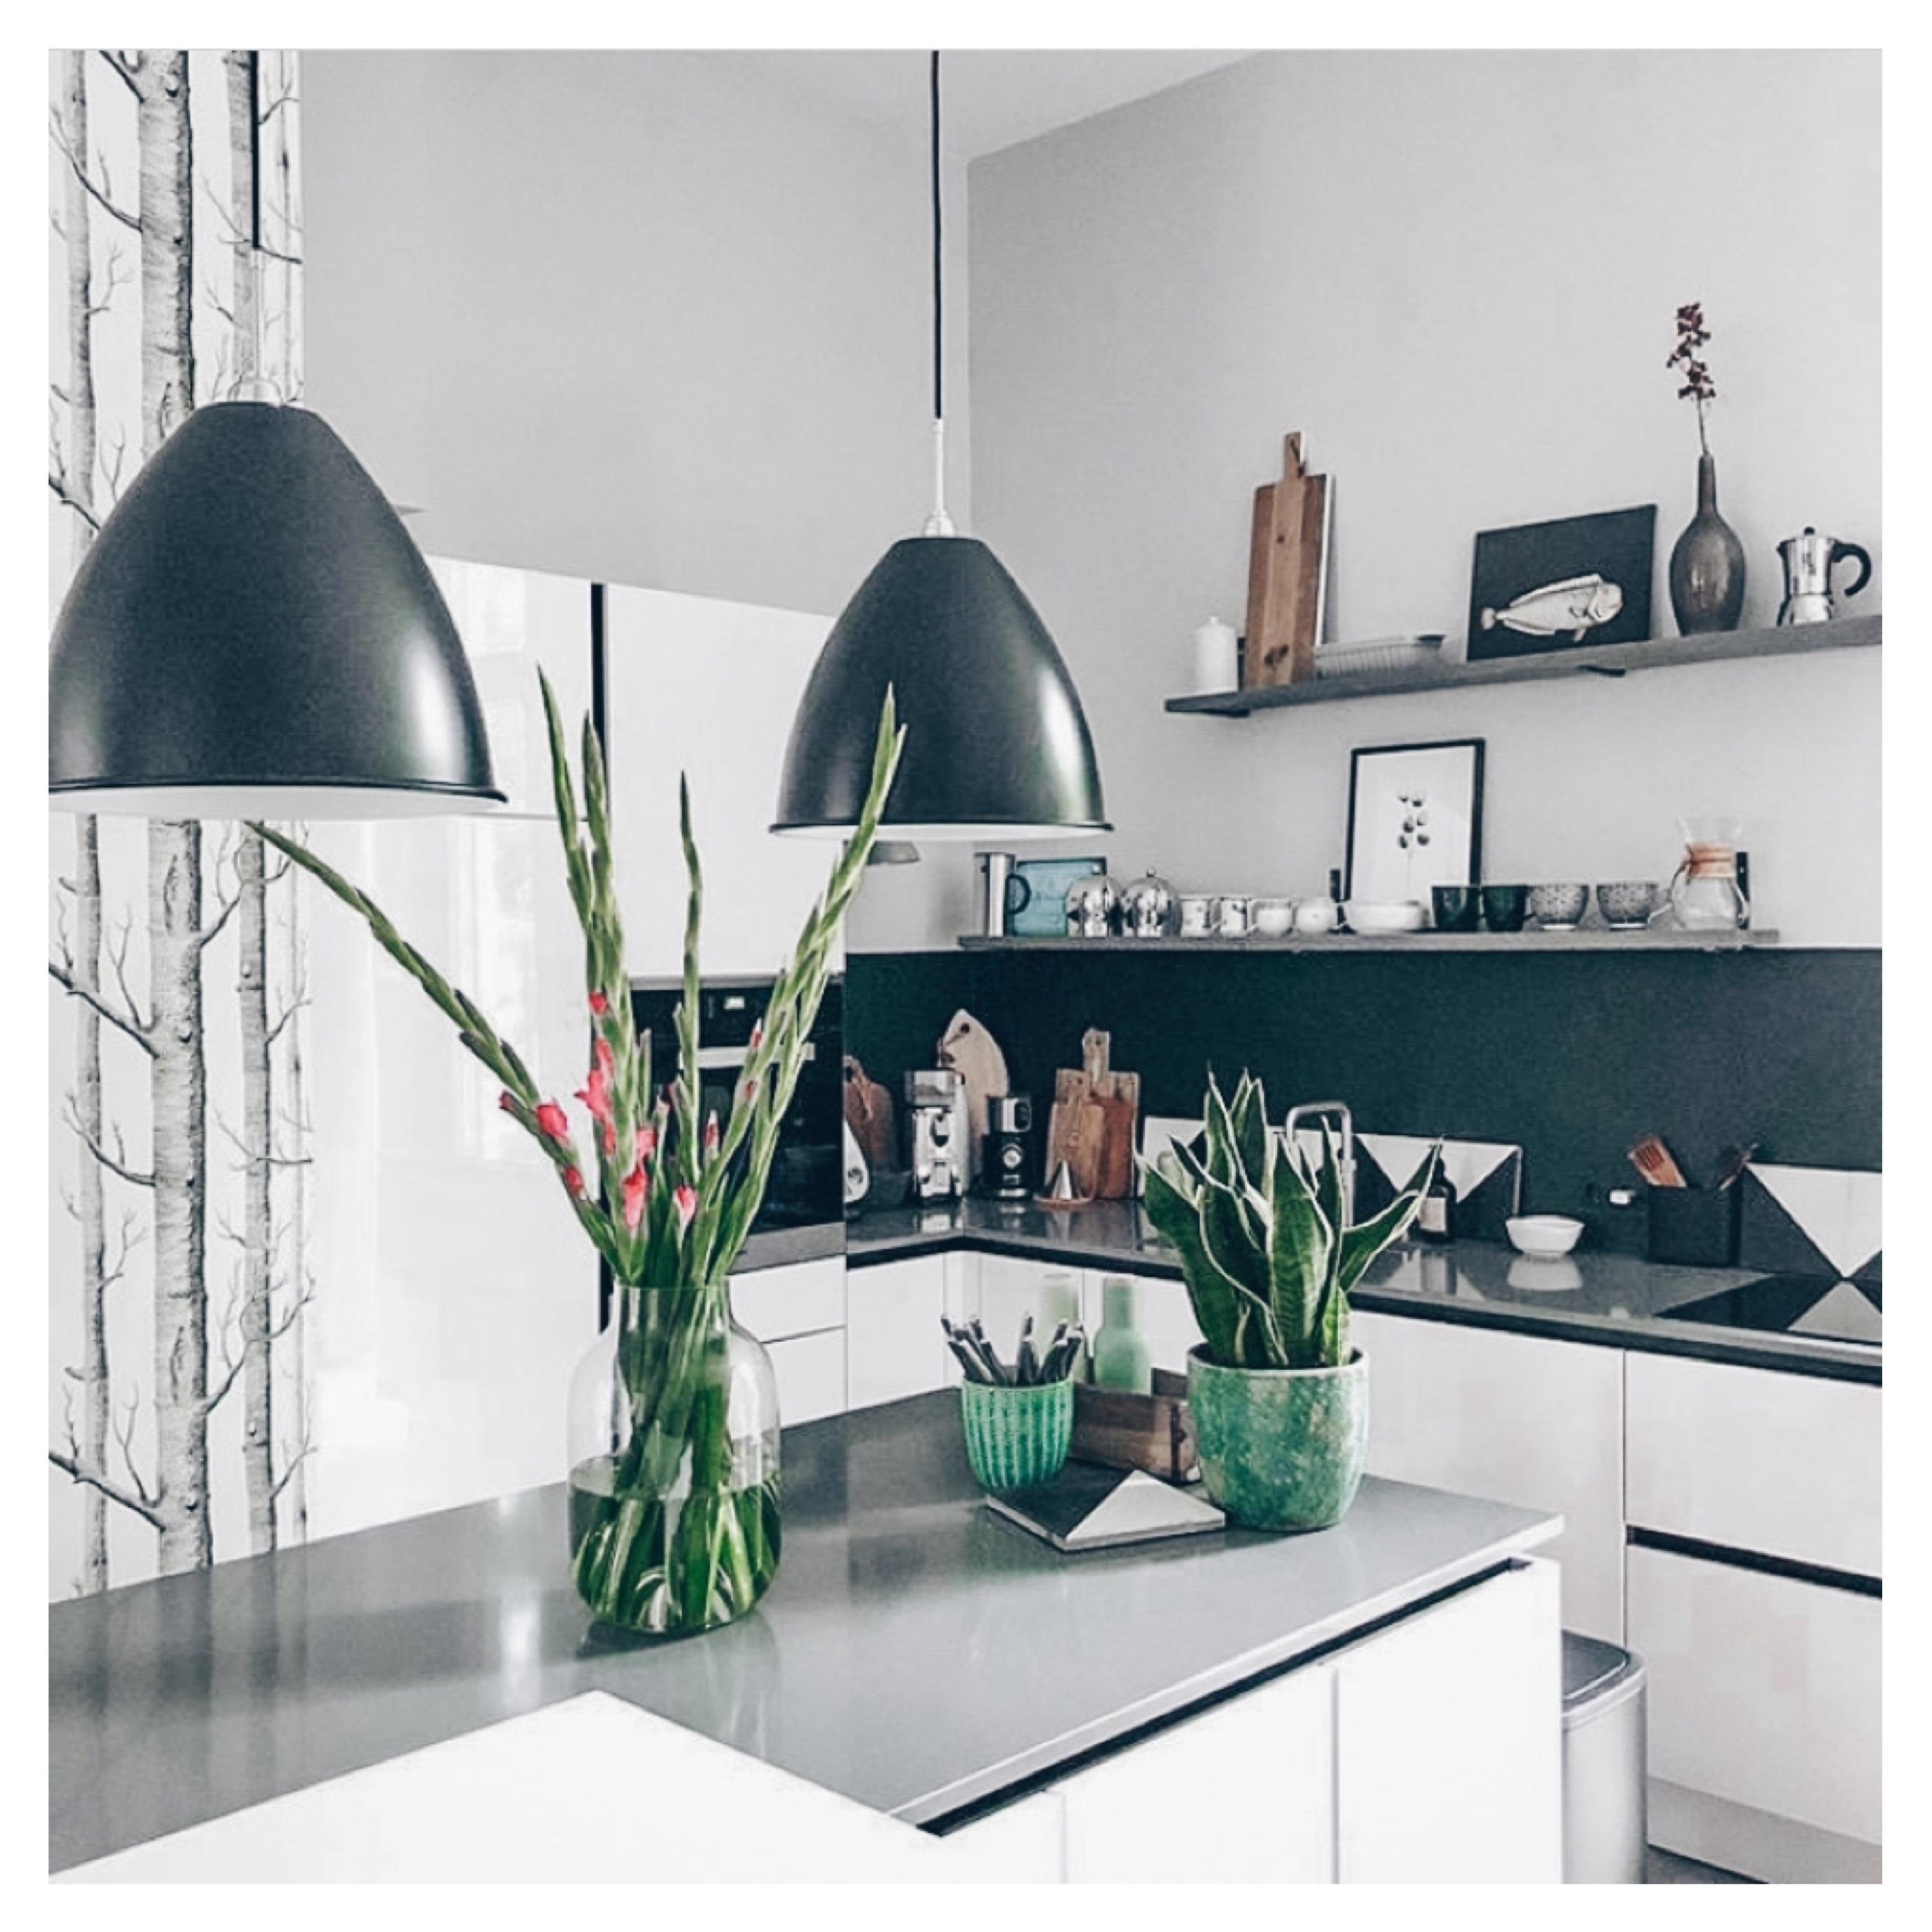 offene weiße Küche - Homestory: Neuanfang in der alten Tankstelle